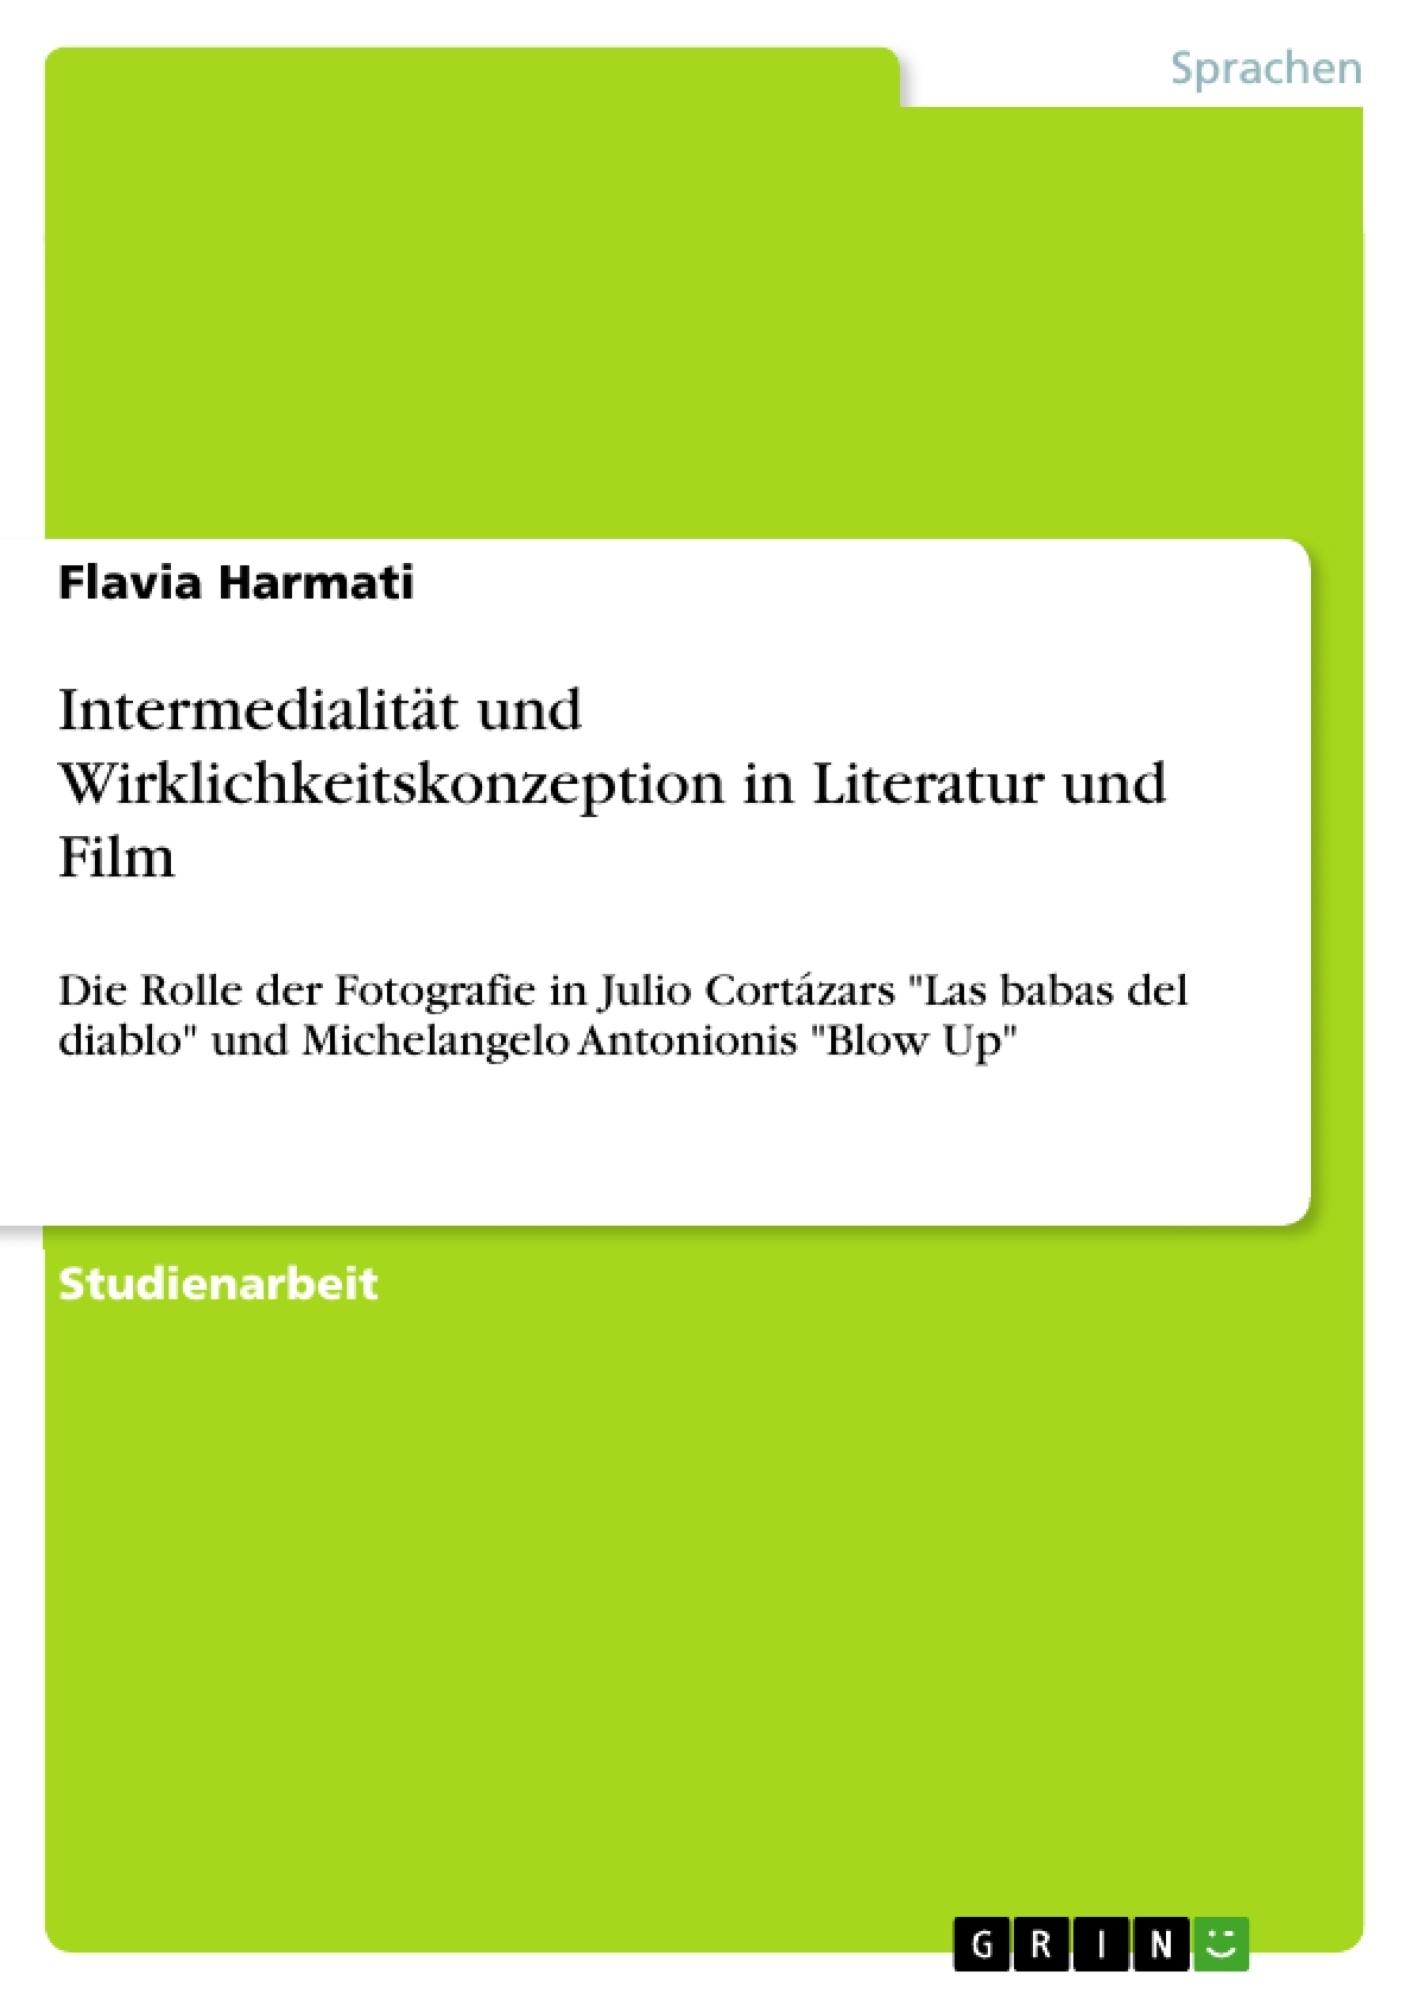 Titel: Intermedialität und Wirklichkeitskonzeption in Literatur und Film